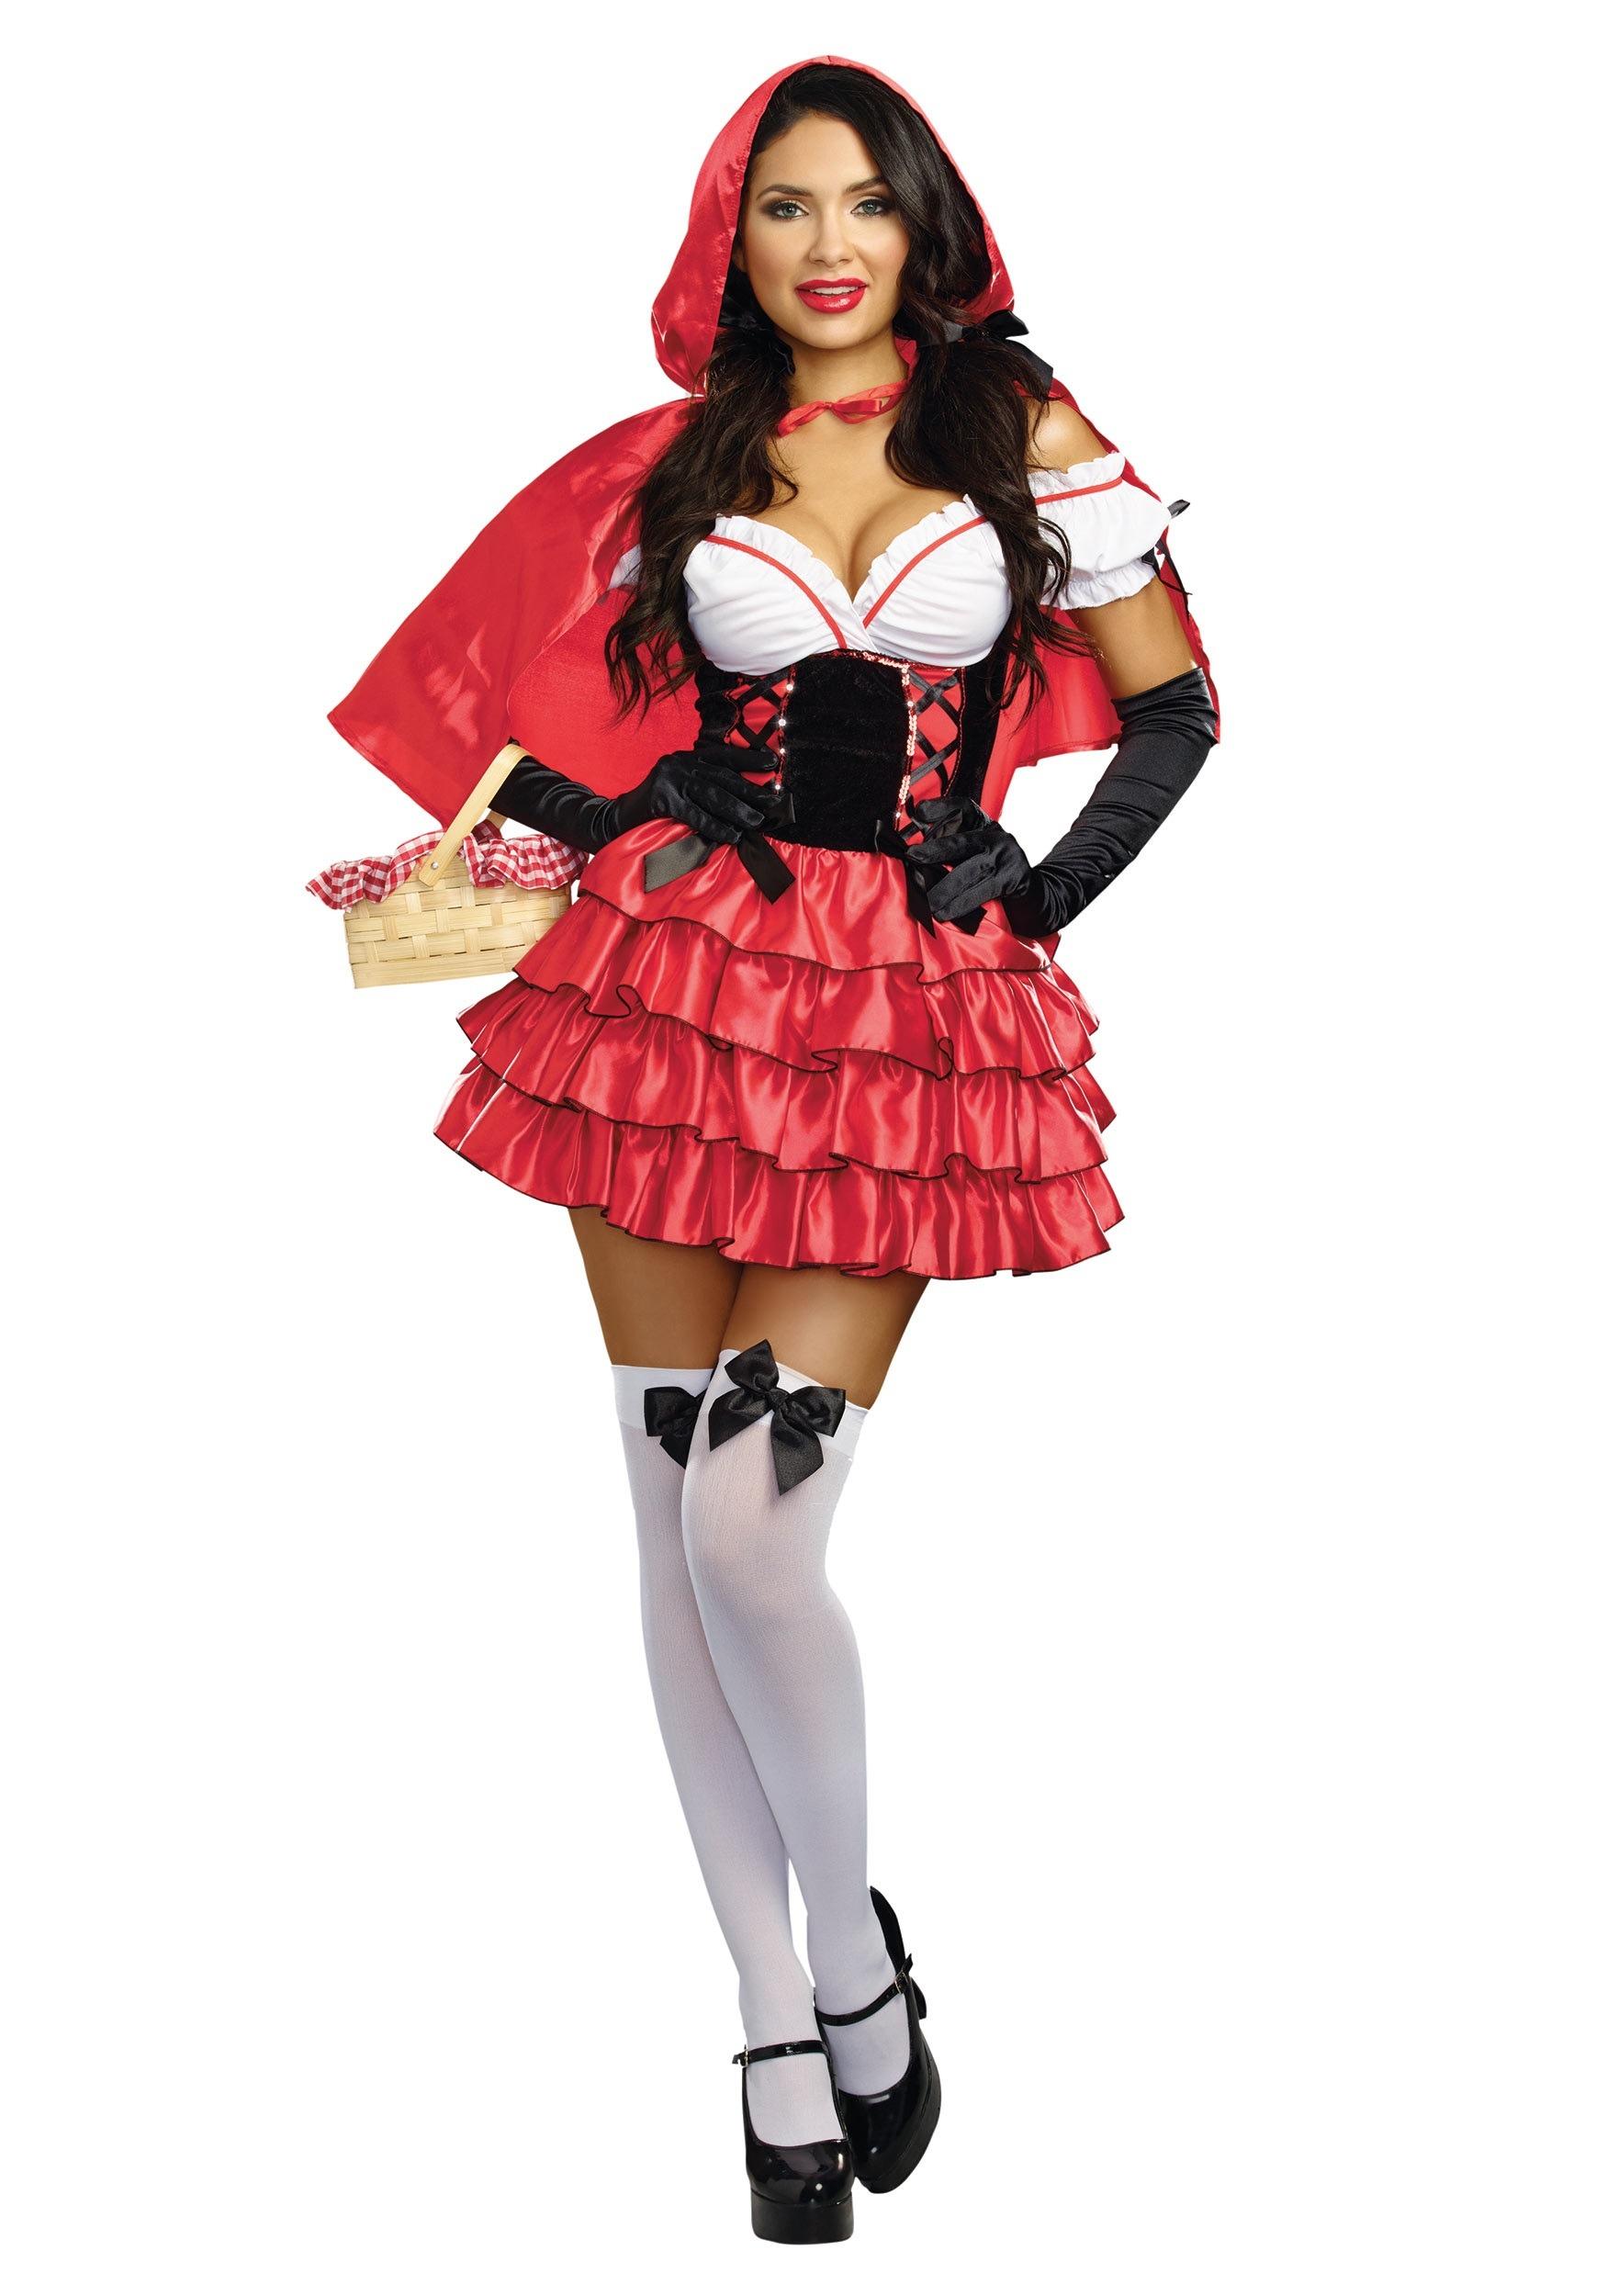 Disfraces Para Halloween De Caperucita Roja.Disfraz De Caperucita Roja